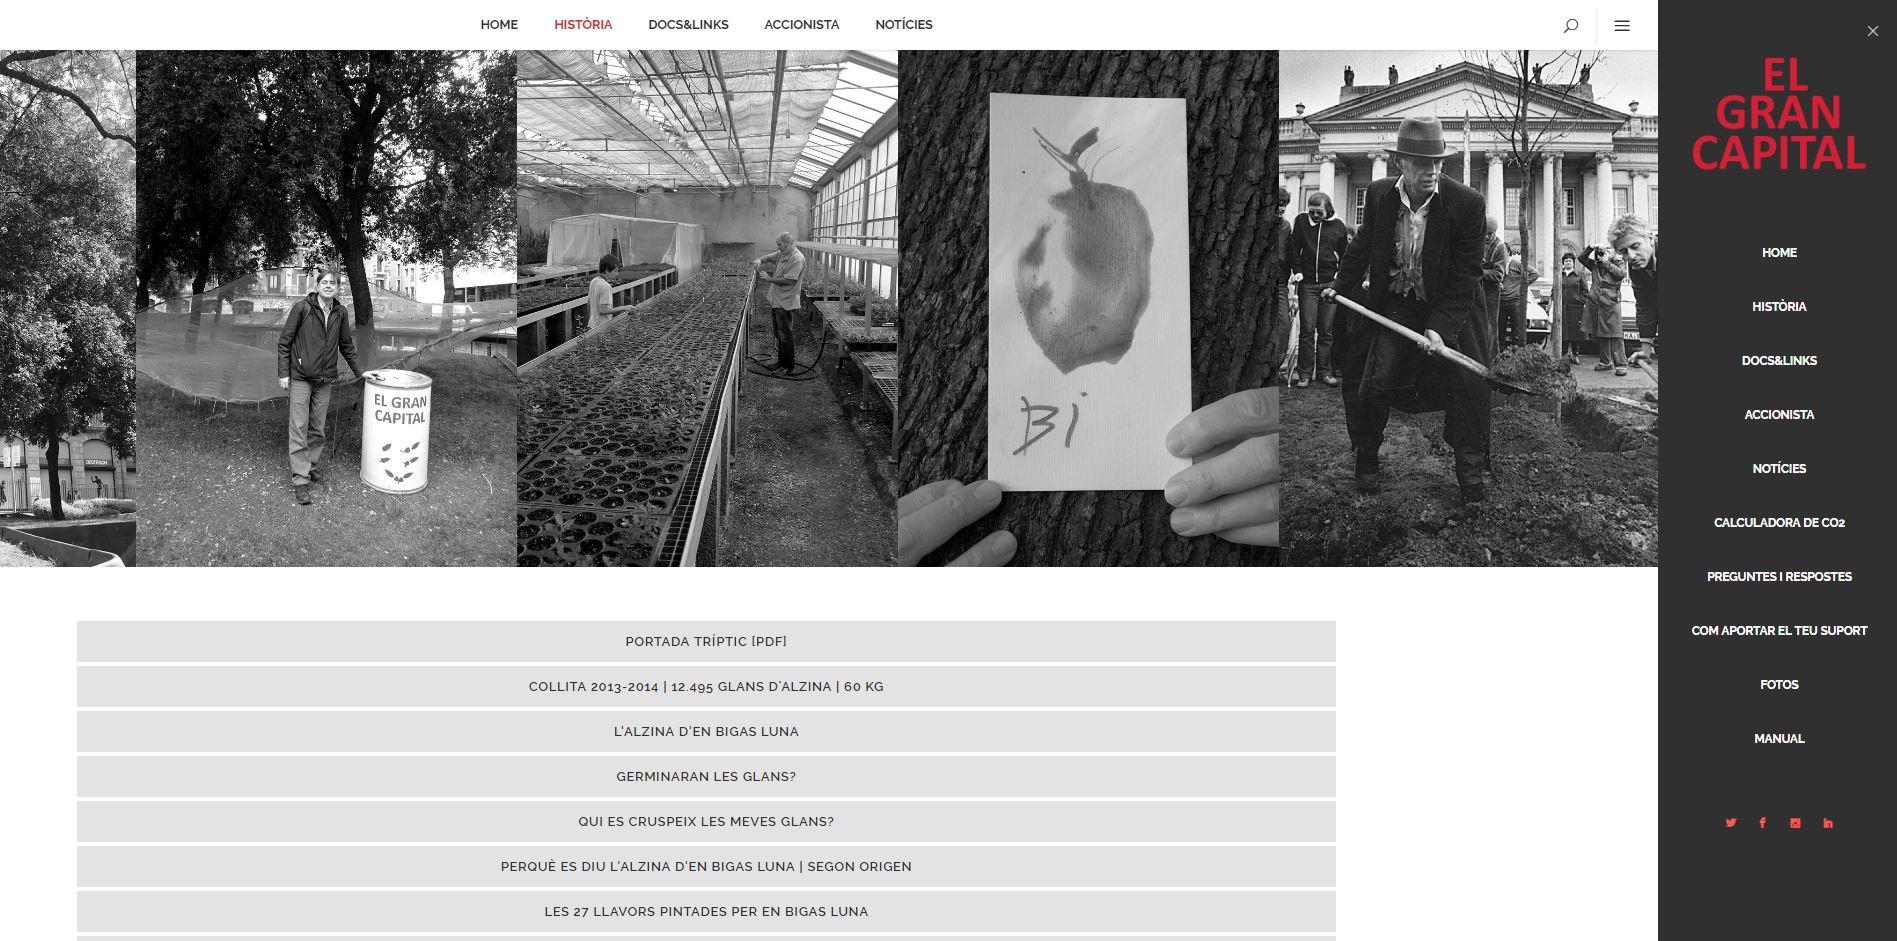 web_elgrancapital-menu lateral